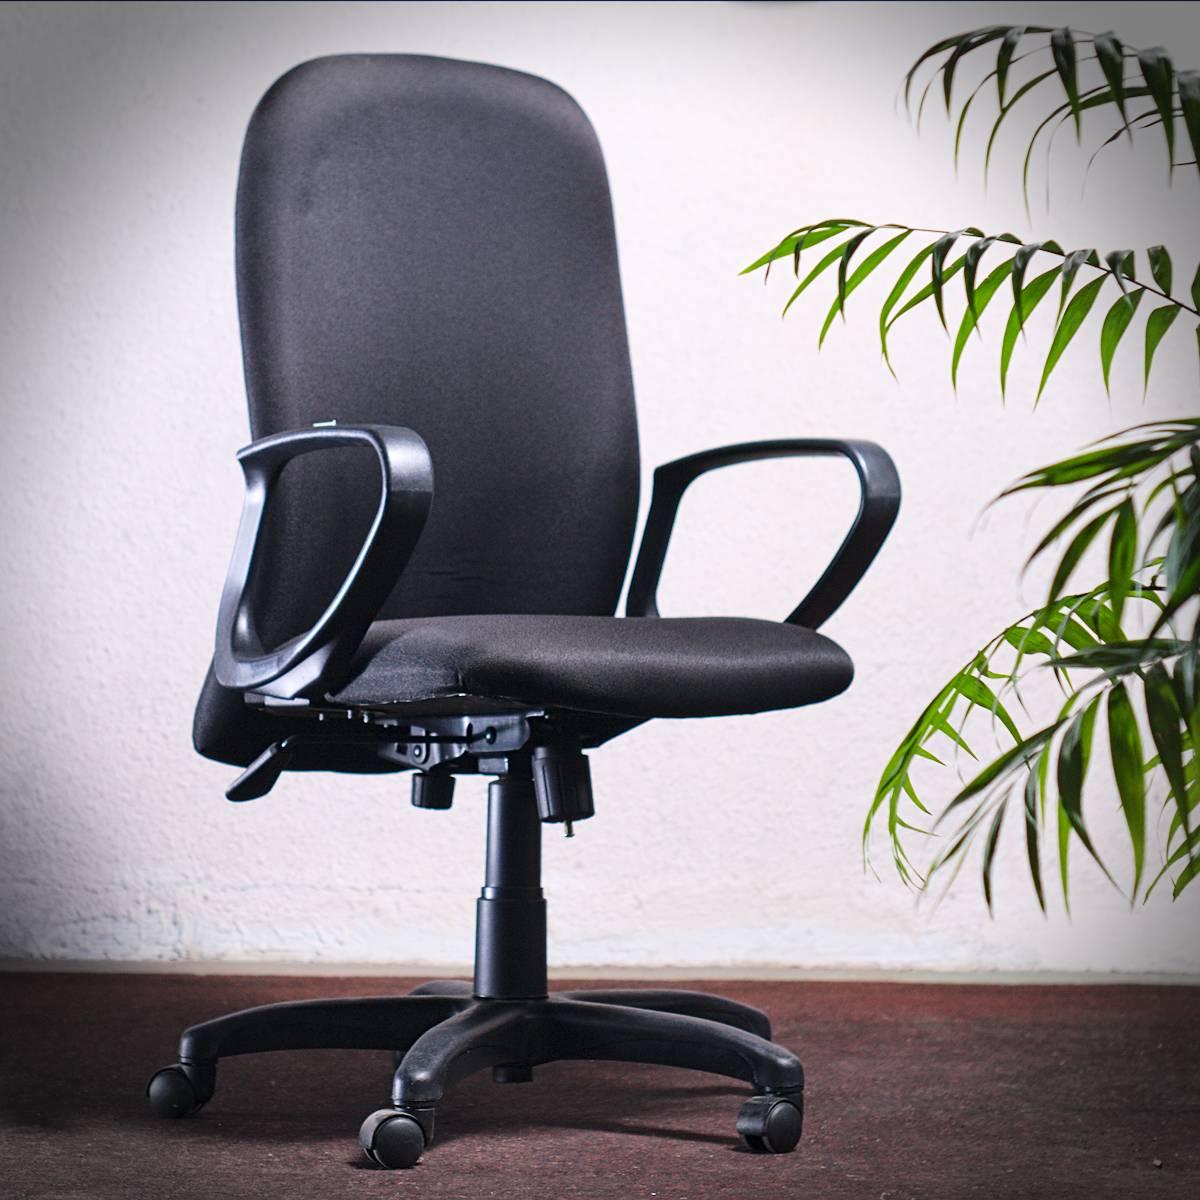 Muebles Oficina Outlet : Servicios muebles de oficina reparación outlet